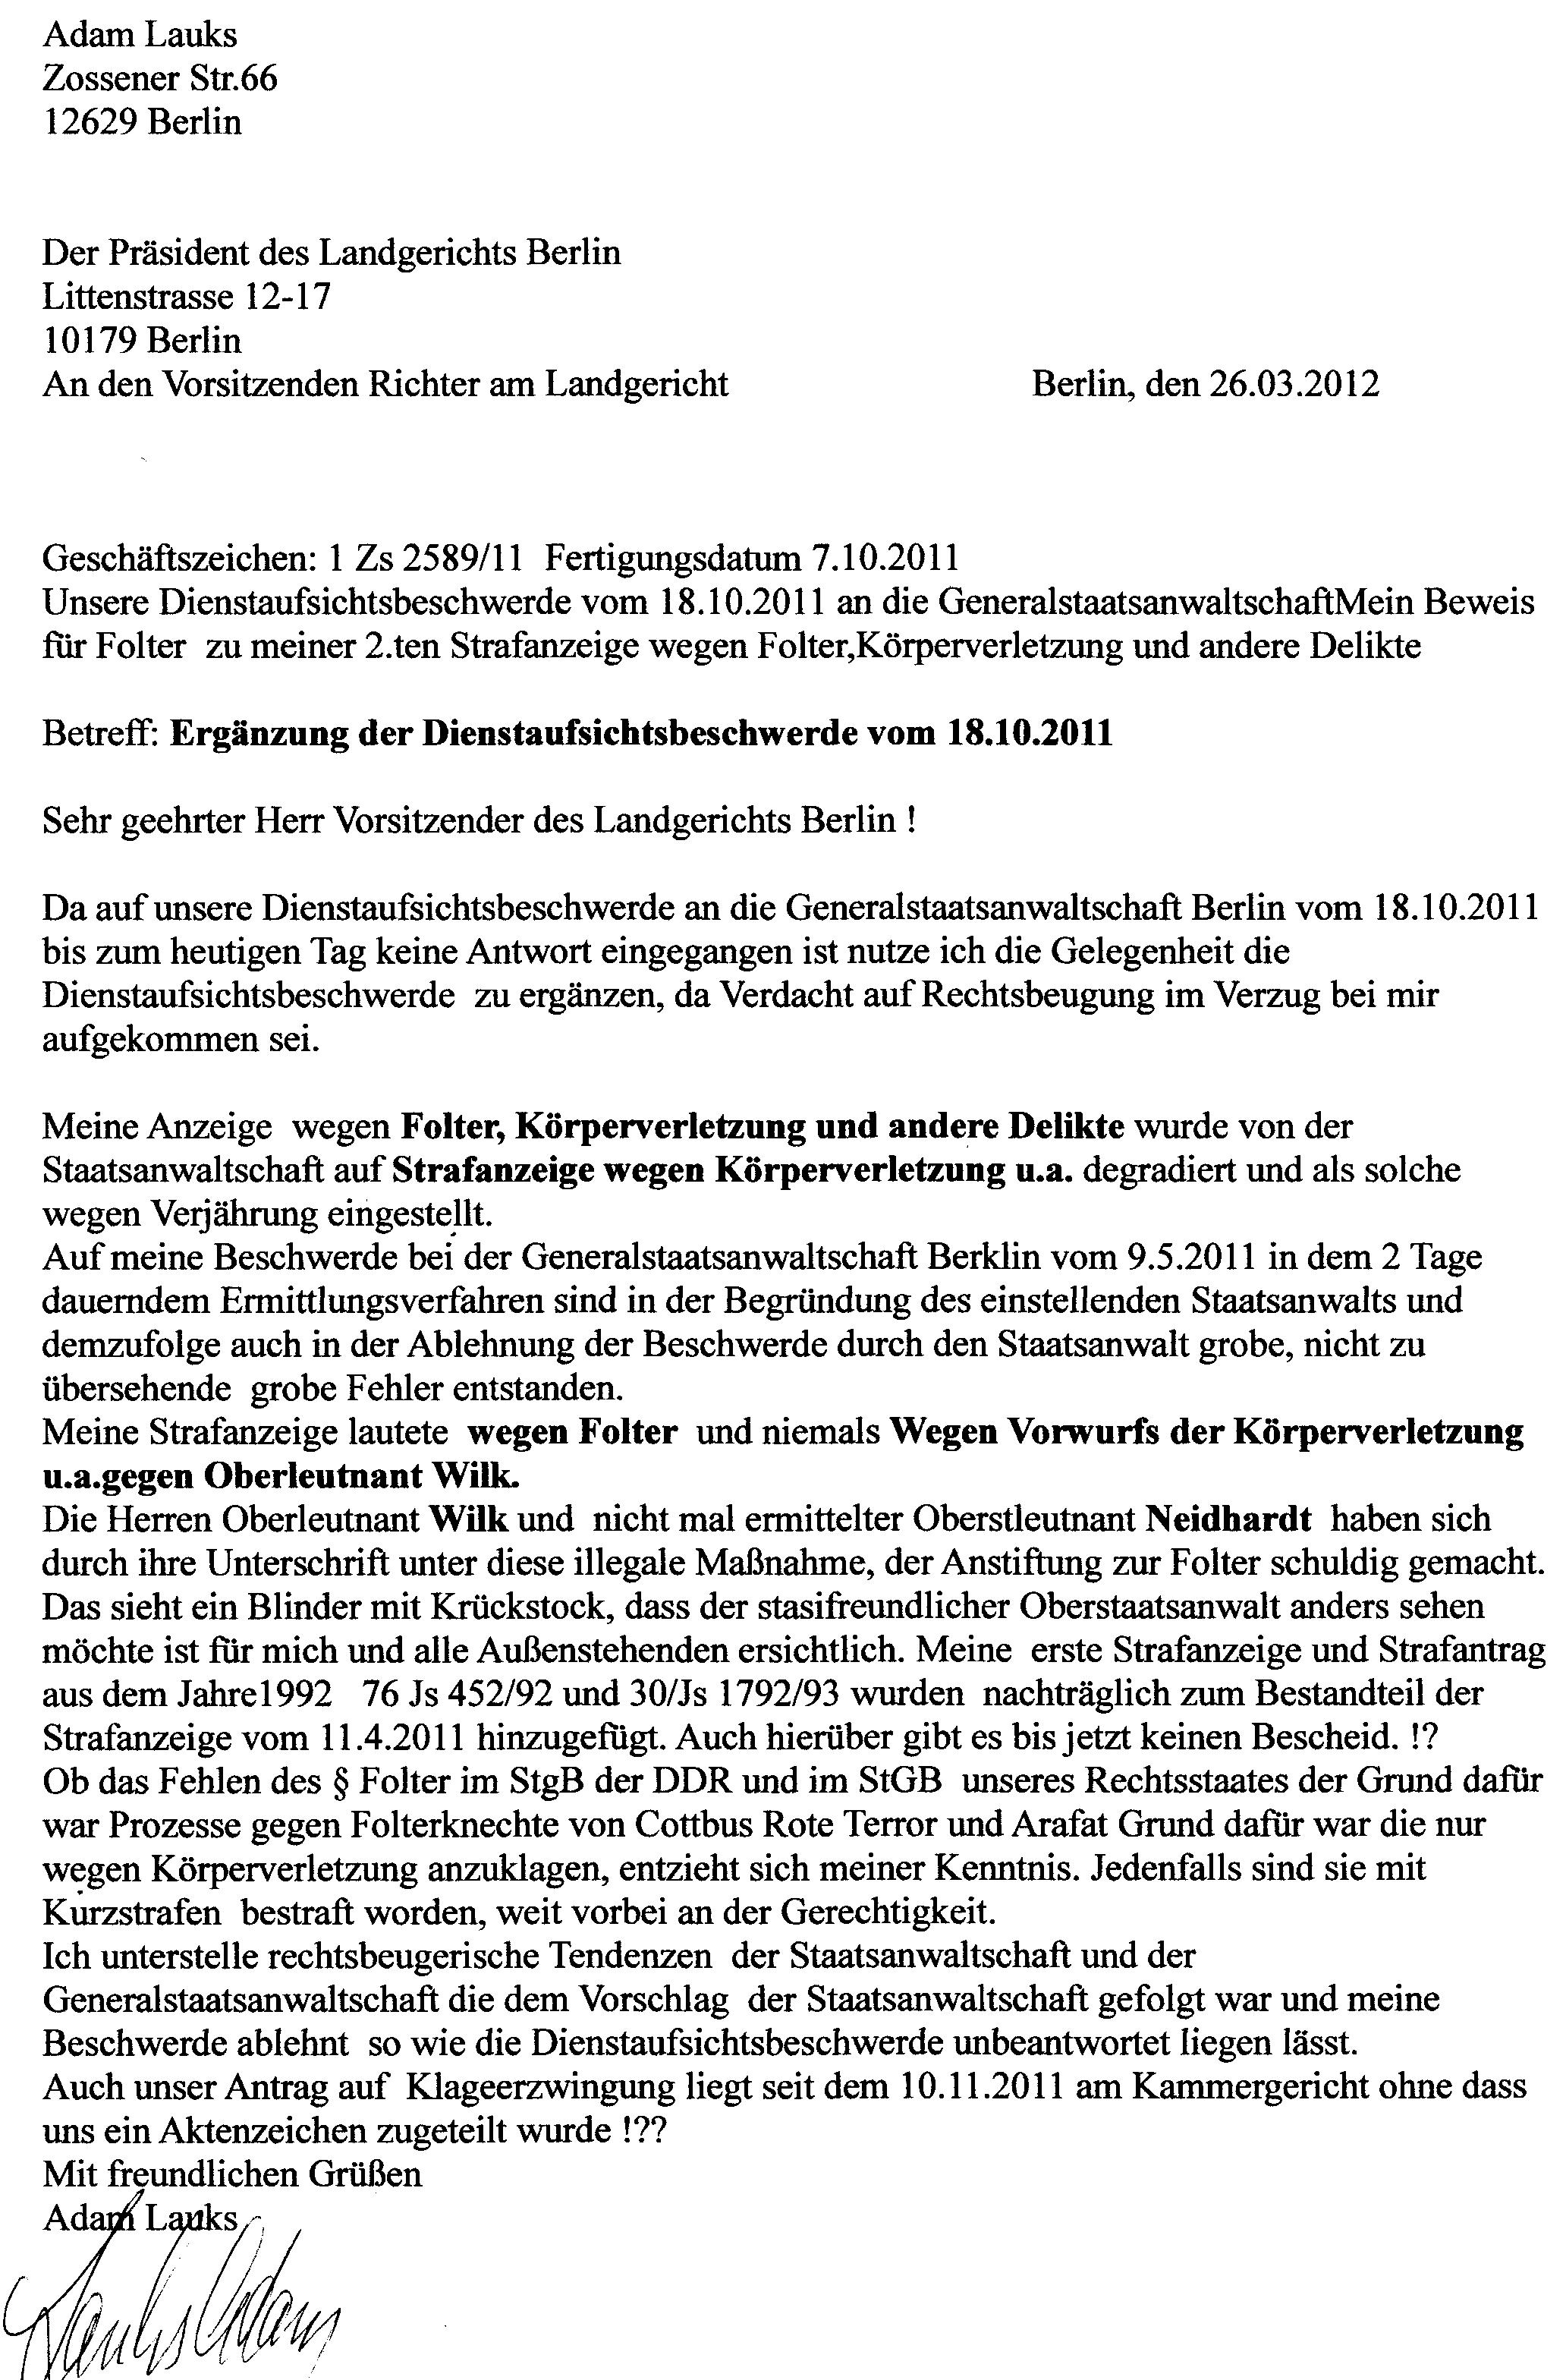 Die DDR und STASI ist überall!!! -Ich bin ein Folteropfer der ...